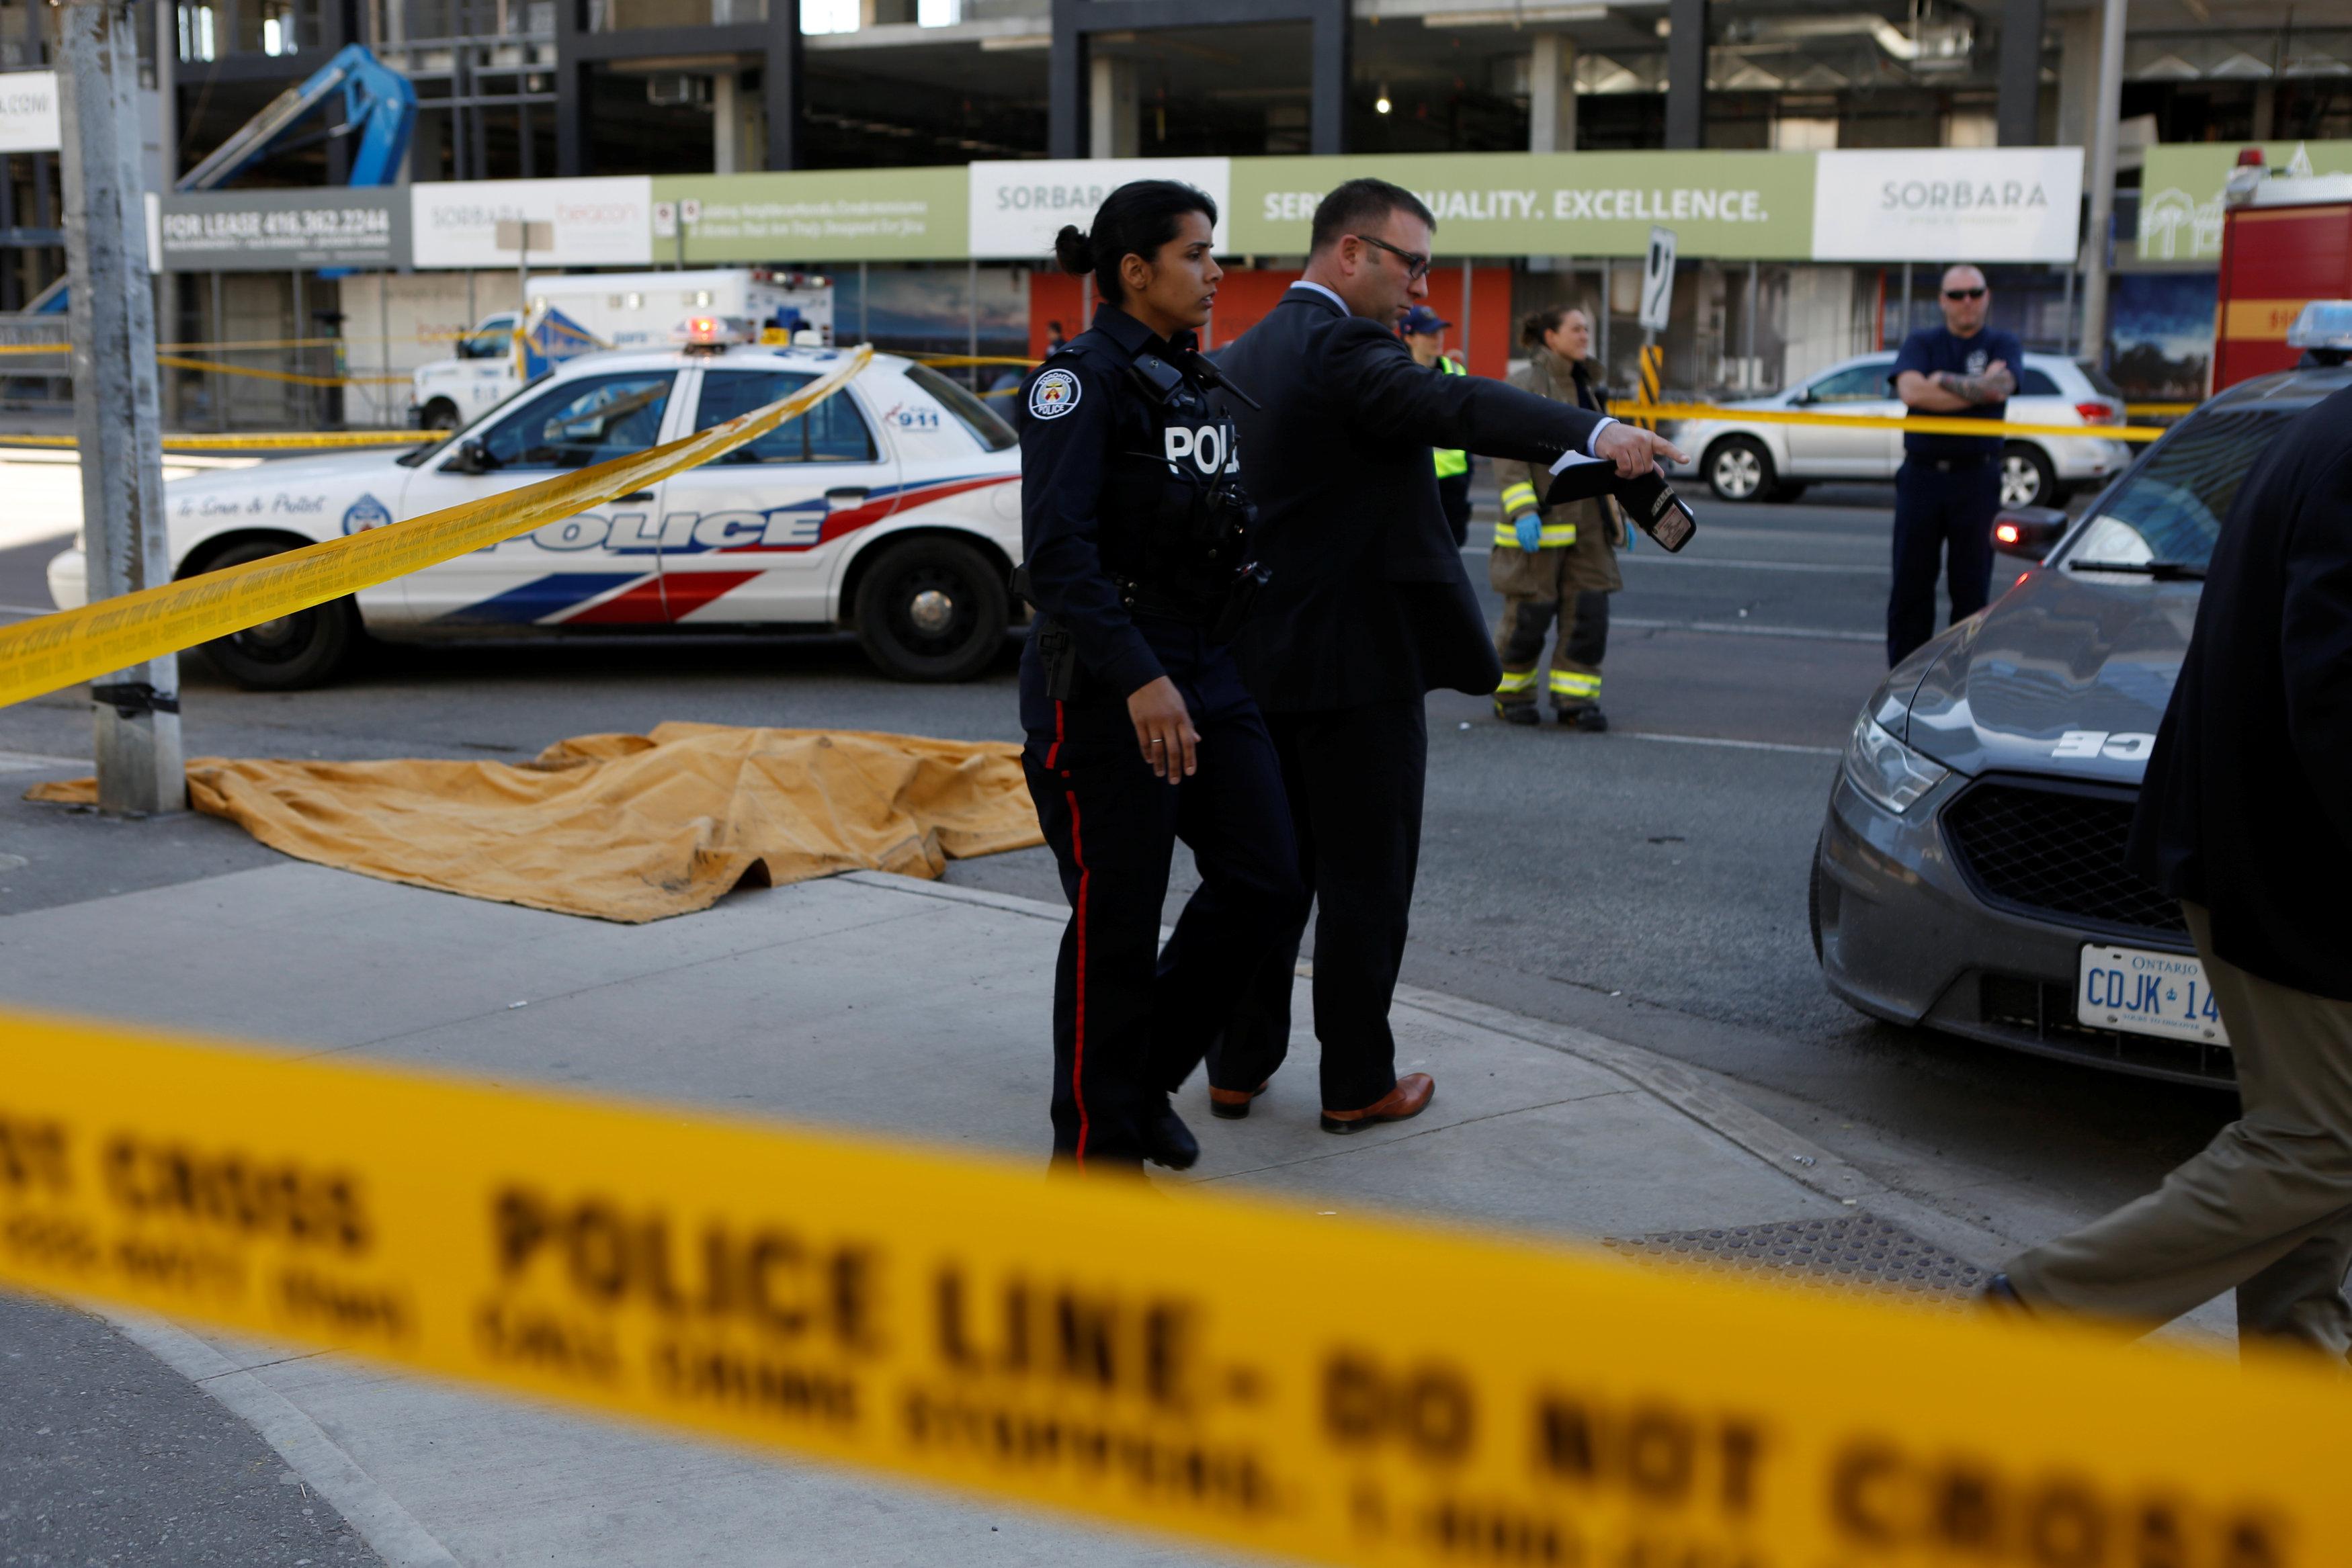 Canadá califica de \'muy serio\' incidente en Toronto